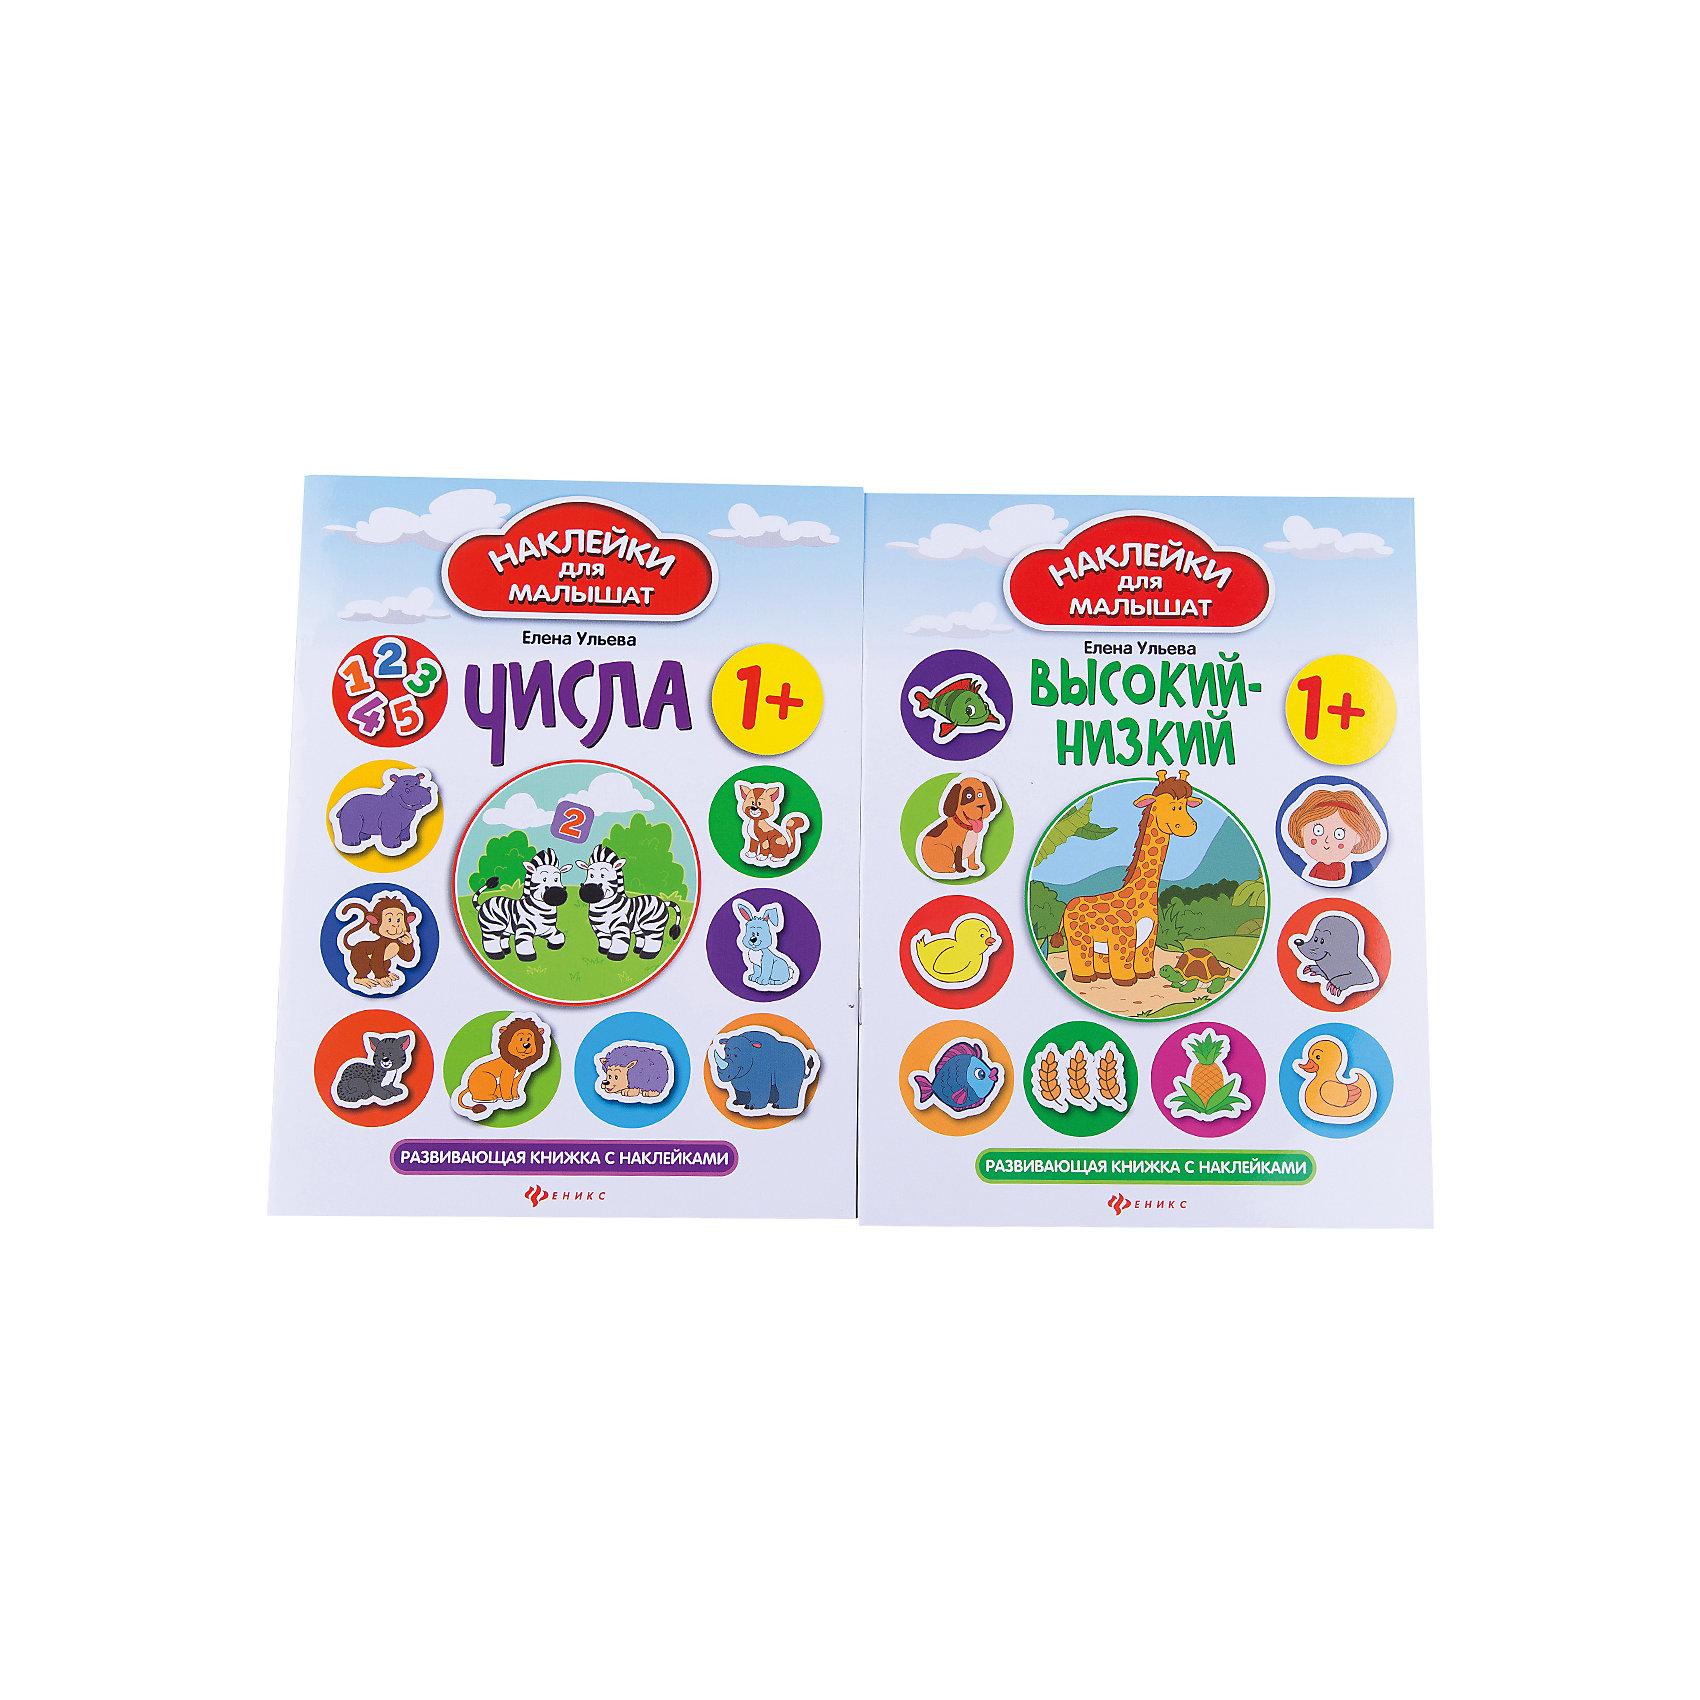 Комплект наклеек для малышей Высокий-низкий+ ЧислаКнижки с наклейками<br>Характеристики:<br><br>• ISBN: 978-5-222-28037-9;<br>• ISBN: 978-5-222-28036-2;<br>• возраст: от 1 года;<br>• формат: 84х108/16;<br>• бумага: мелованная;<br>• тип обложки: мягкий переплет (крепление скрепкой или клеем);<br>• иллюстрации: цветные;<br>• серия: Наклейки для малышат;<br>• издательство: Феникс, 2017 г.;<br>• автор: Ульева Елена Александровна;<br>• художник: Савва Ксения;<br>• редактор: Силенко Елизавета;<br>• количество страниц в книге: 8;<br>• размеры книги: 26х20х0,1 см;<br>• масса книги: 58 г.<br><br>В набор «Наклейки для малышей. Высокий-низкий + Числа» входит 2 книжки: <br><br>• «Высокий-низкий: развивающая книжка с наклейками»;<br>• «Числа: развивающая книжка с наклейками».<br><br>Яркие книжки для занятий с малышами помогут познакомить мальчиков и девочек с понятиями большой-маленький, высокий-низкий, а также выучить цифры, цвета и фигуры.<br><br>В каждой книге есть красочные наклейки для выполнения заданий. <br><br>Издание удобного формата можно взять с собой на отдых. <br><br>Набор книг «Наклейки для малышей. Высокий-низкий + Числа», Ульева Елена Александровна, Феникс, можно купить в нашем интернет-магазине.<br><br>Ширина мм: 260<br>Глубина мм: 200<br>Высота мм: 40<br>Вес г: 360<br>Возраст от месяцев: 12<br>Возраст до месяцев: 2147483647<br>Пол: Унисекс<br>Возраст: Детский<br>SKU: 6873663